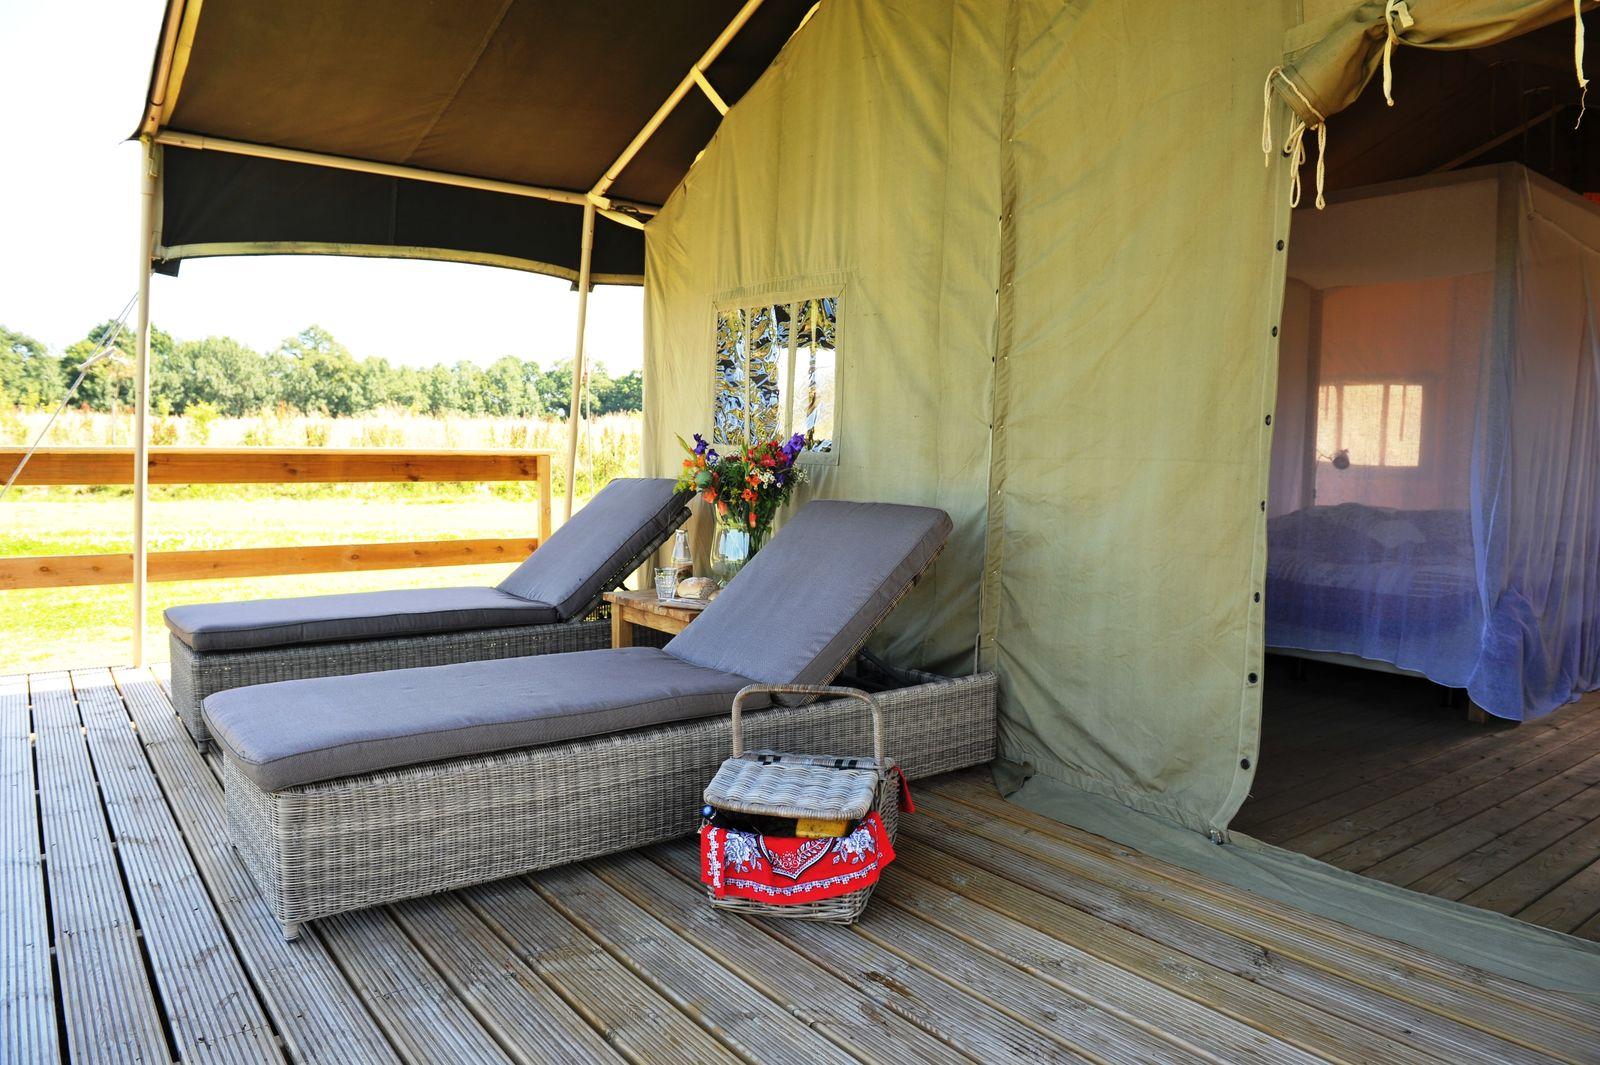 Afbeelding van Twentse Buitenleven - Familie lodgetent - luxe kamperen Overijssel